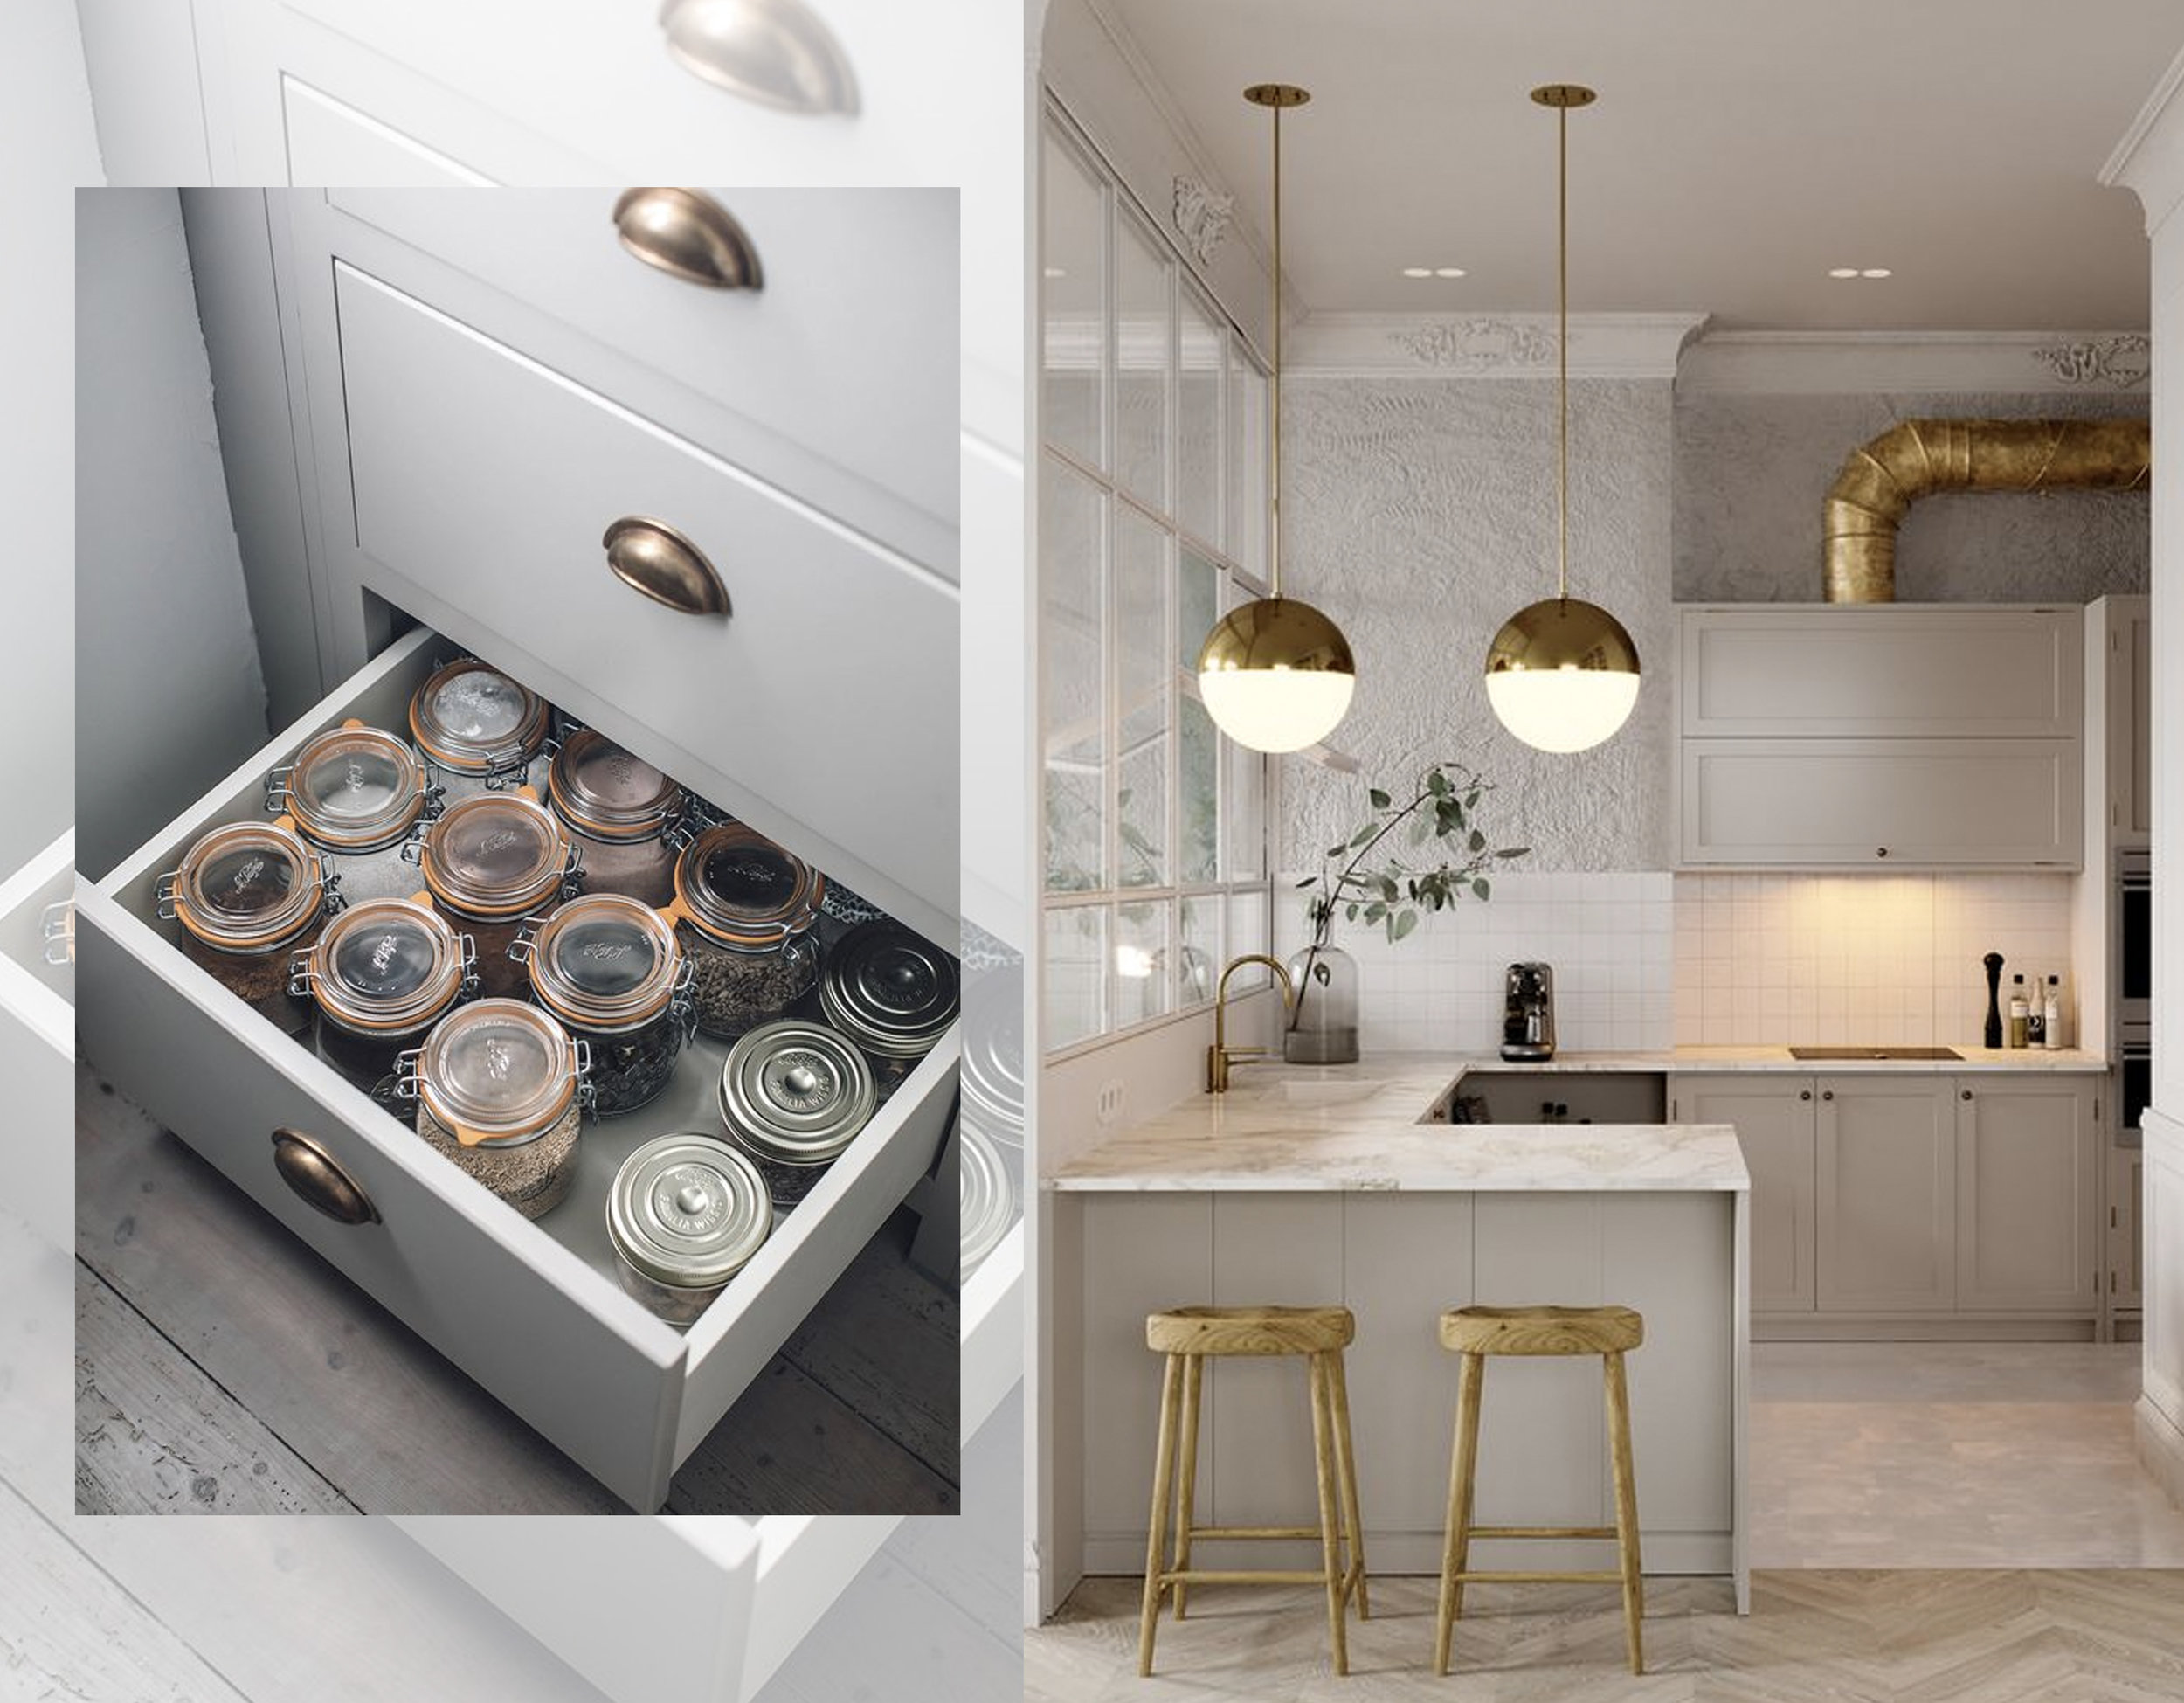 kitchen drawer organization via  Remodelista  - kitchen via  Behance